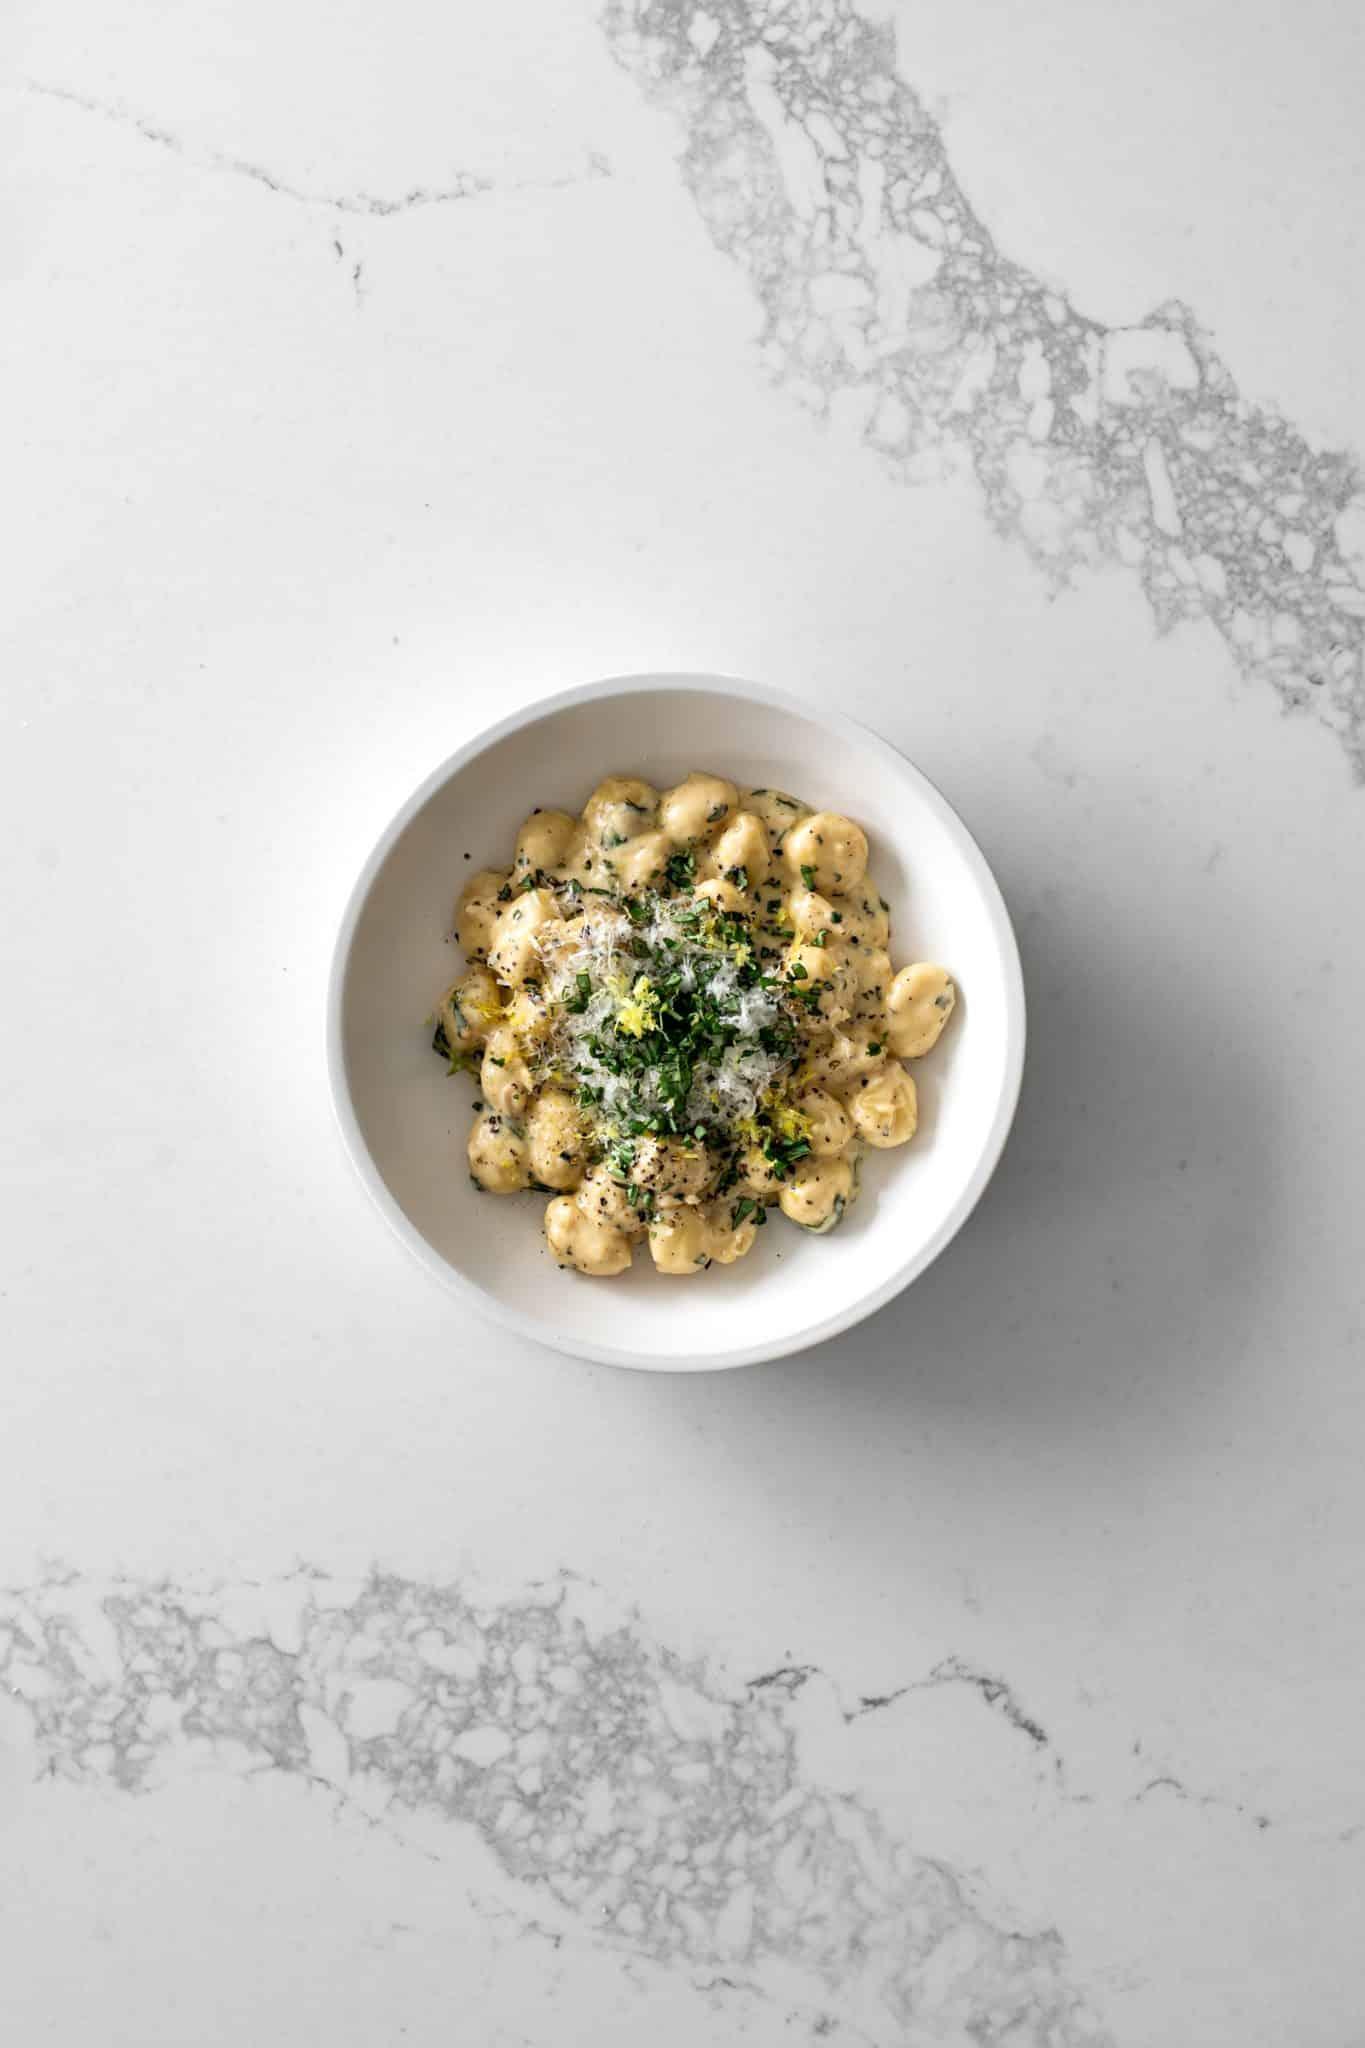 Bowl of one-pot gnocchi with lemon cream sauce with basil, parmesan and lemon zest